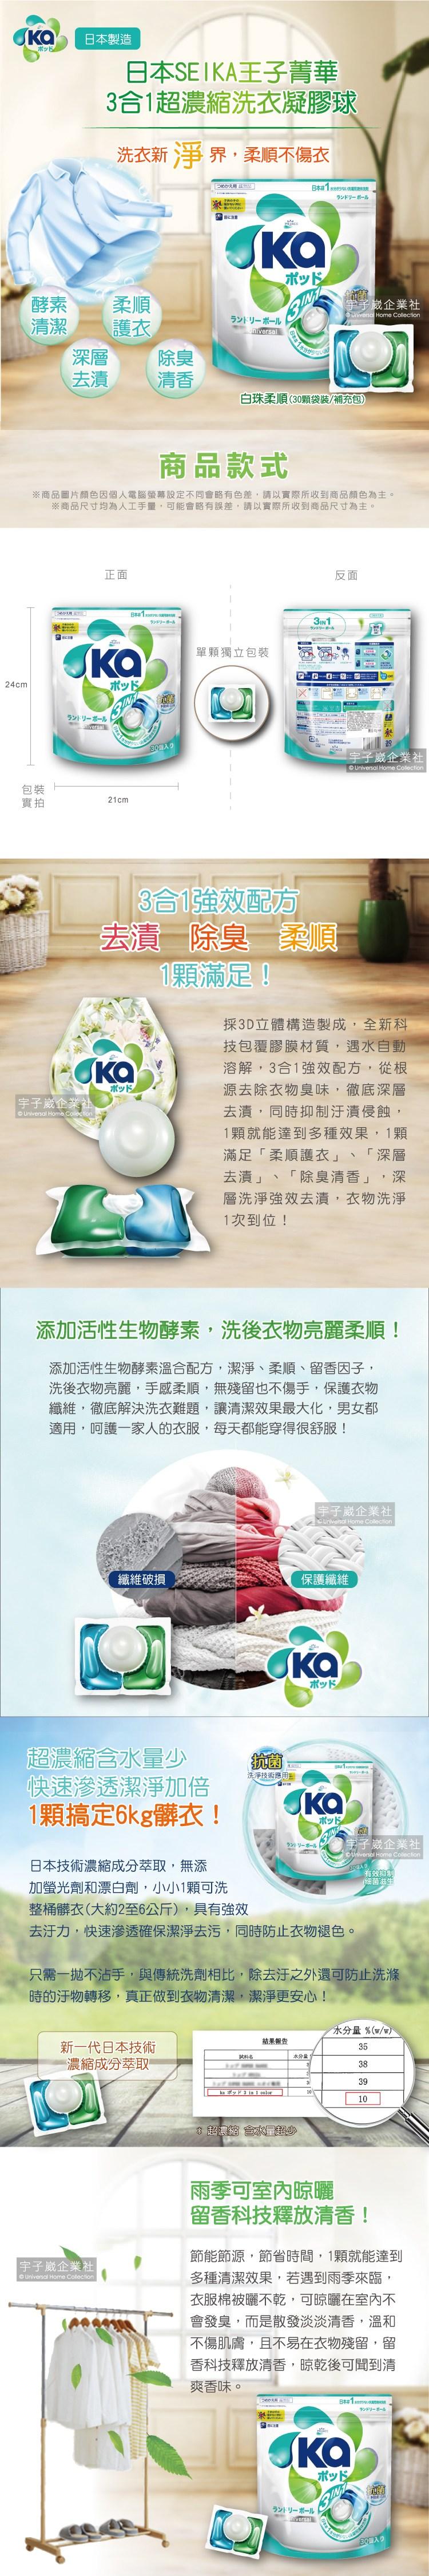 日本SEIKA王子菁華3合1超濃縮洗衣凝膠球-白珠柔順(30顆袋裝)介紹圖